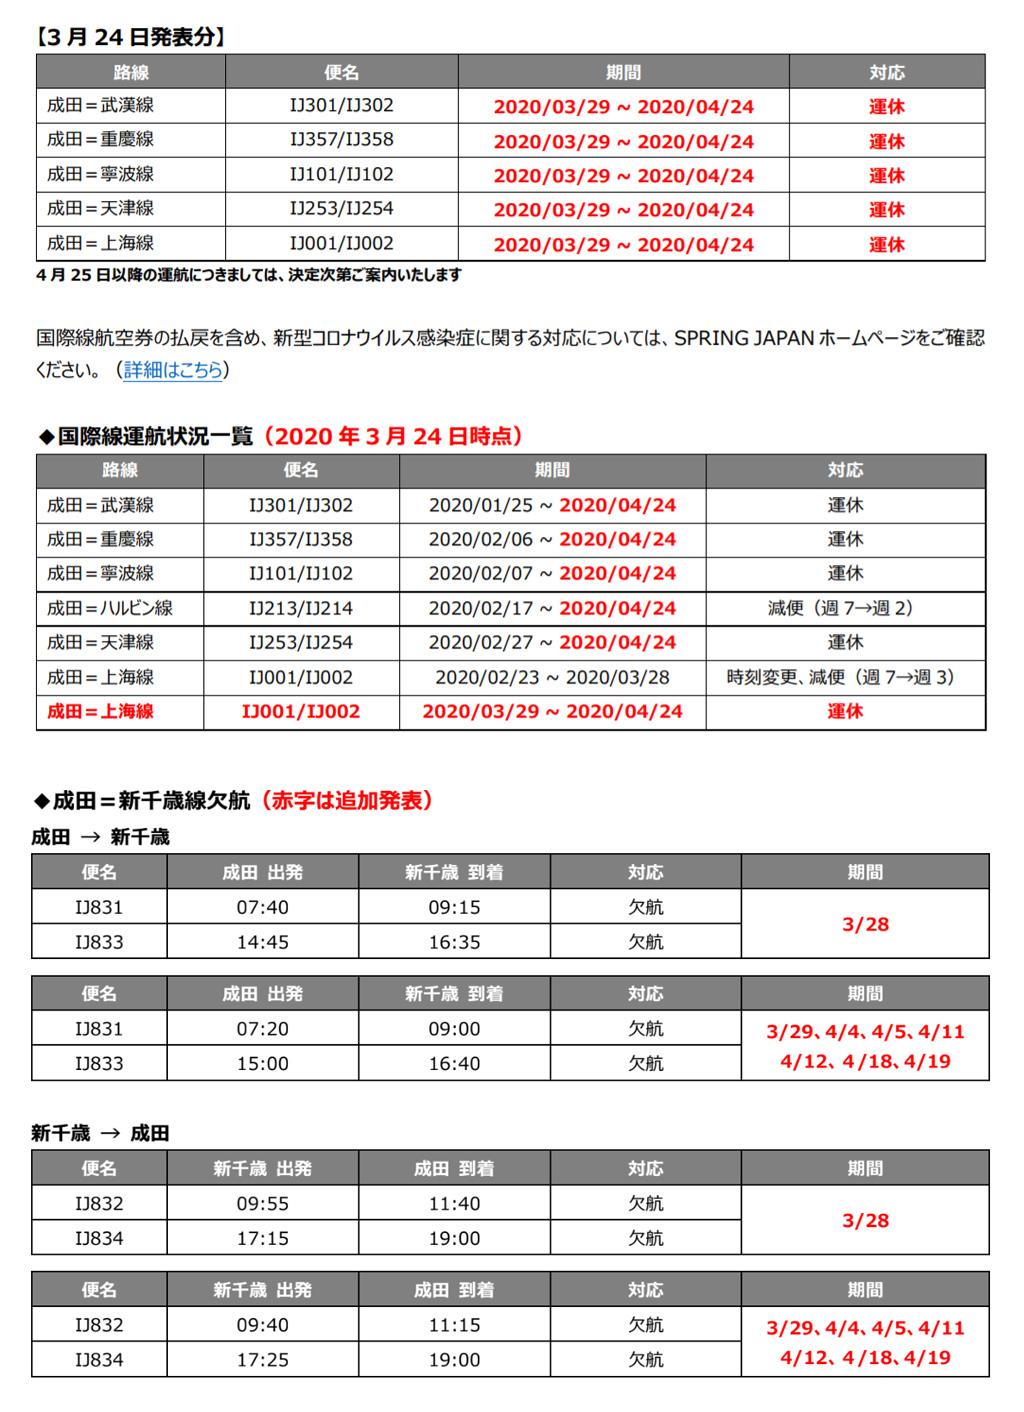 春秋航空日本 運休 提供:春秋航空日本